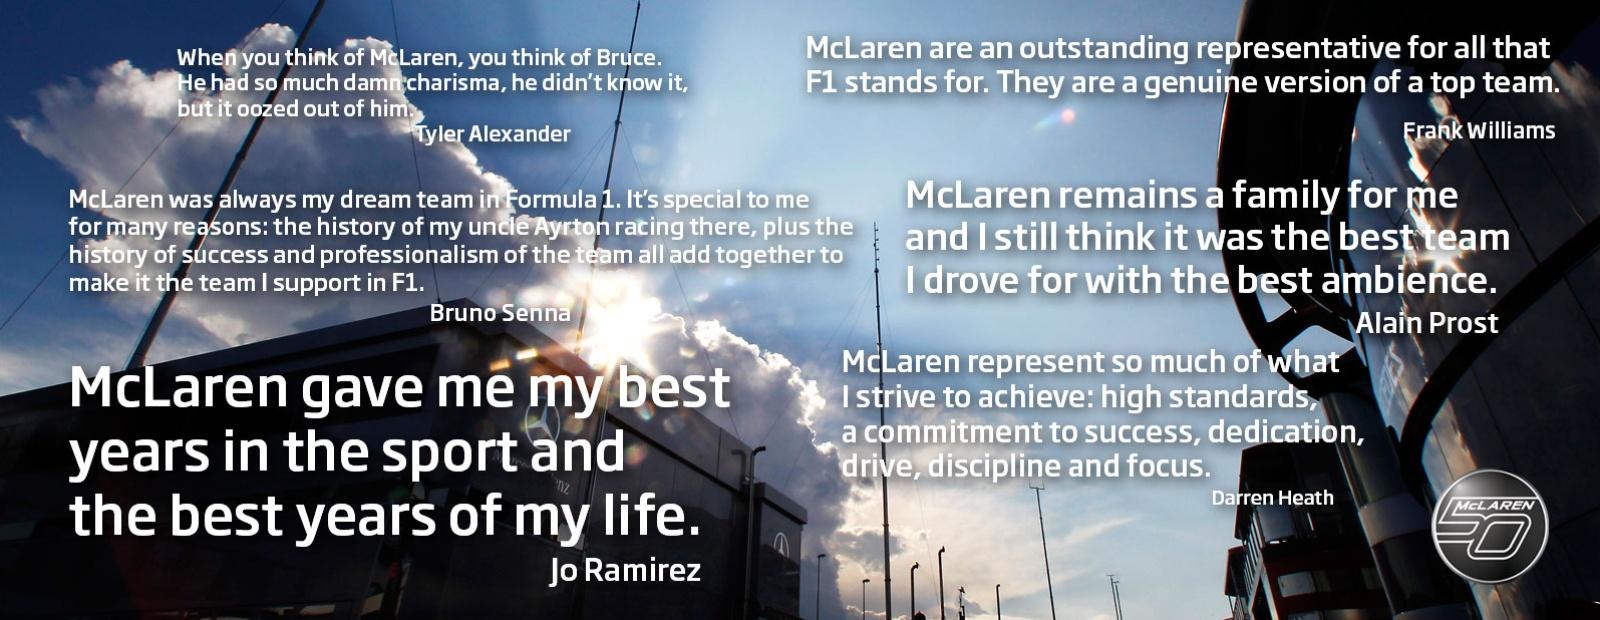 Mclaren Formula 1 F1 Stars On Mclaren S Magic 50